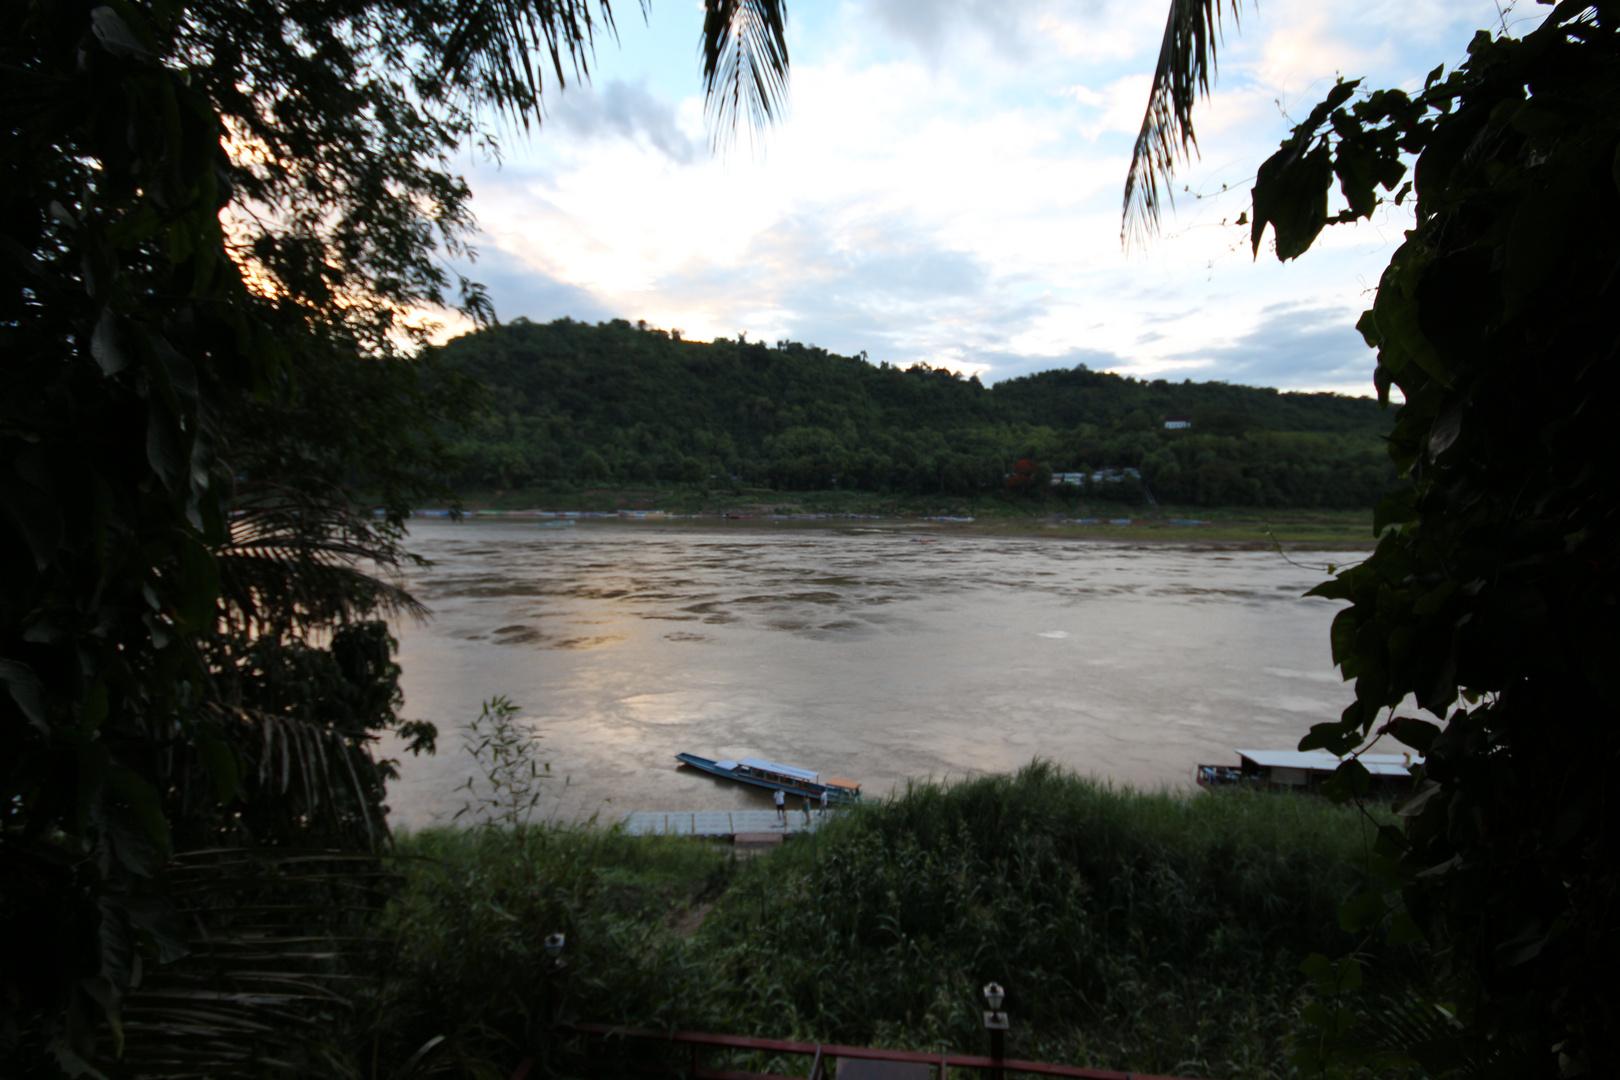 abendlicher Blick von der Uferpromenade ueber den Mekong, Luang Prabang